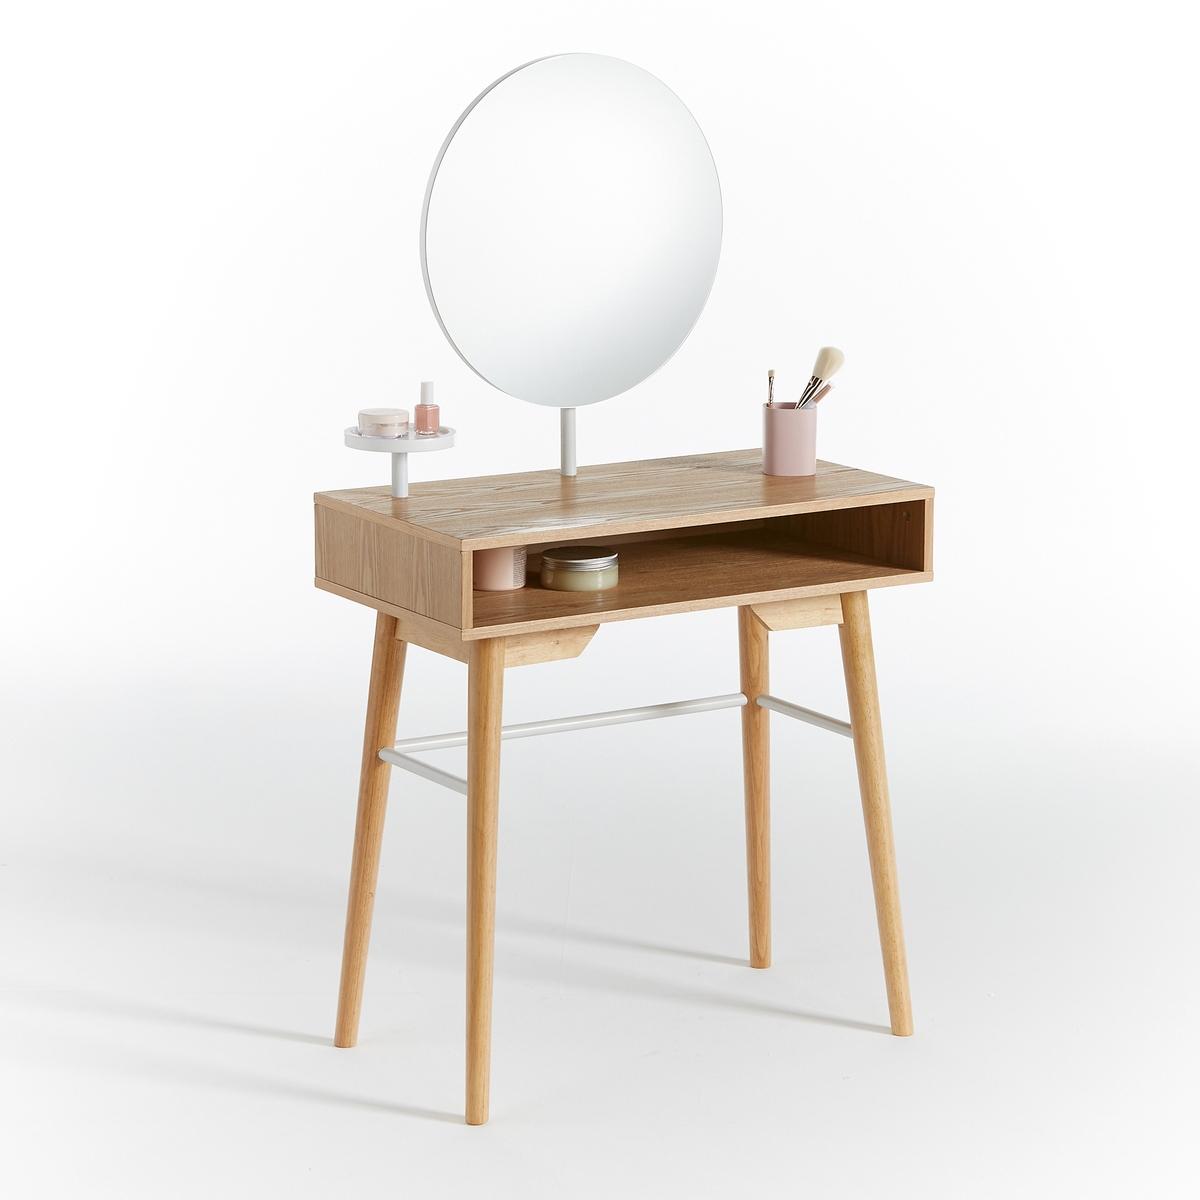 Столик La Redoute Туалетный AGURA единый размер каштановый туалетный la redoute столик clairoy единый размер каштановый